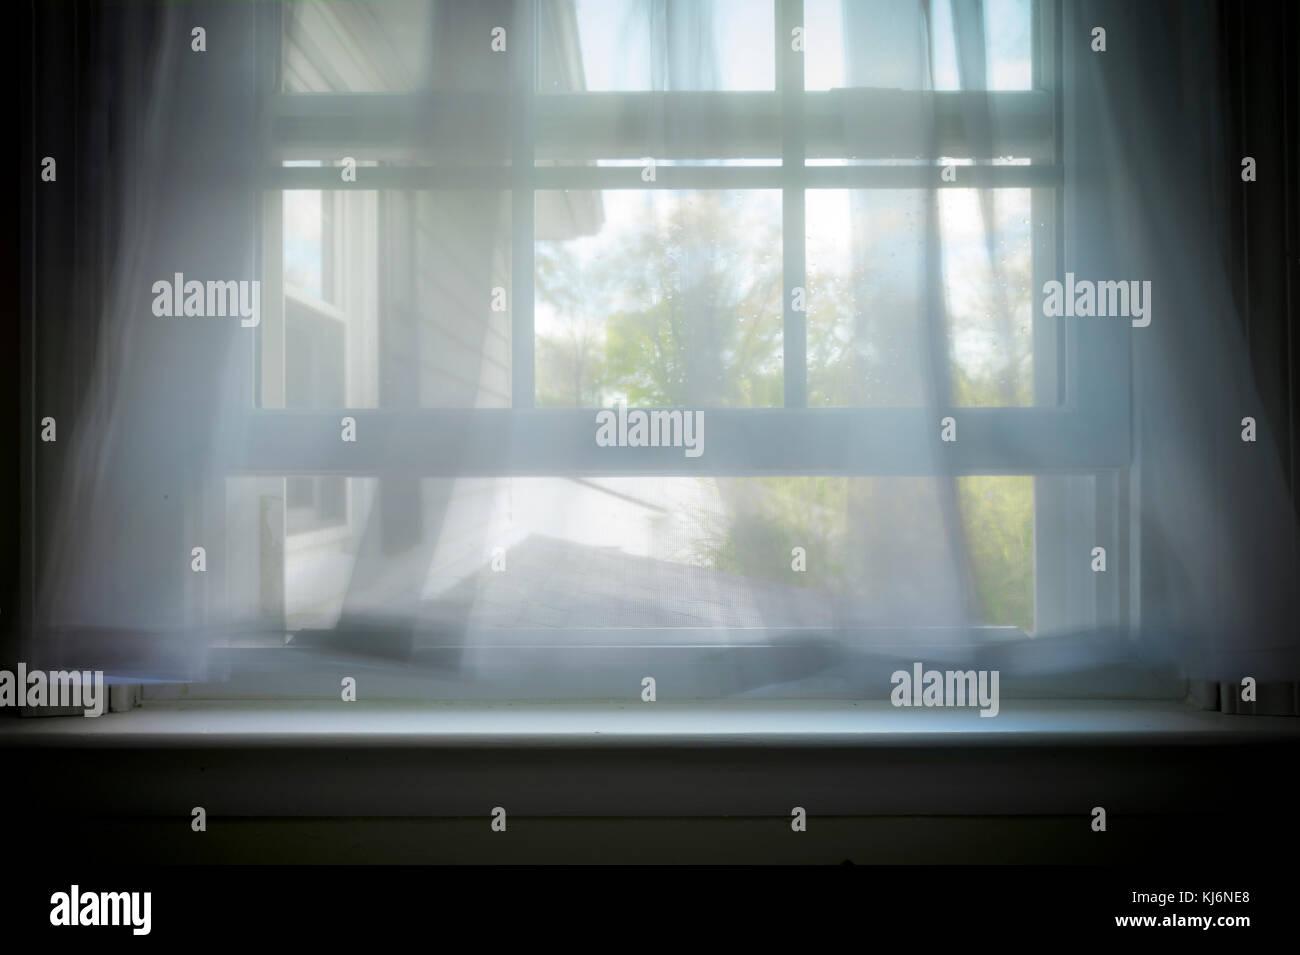 Sanfte Brise weht durch offene Fenster mit Vorhängen wogenden Stockbild